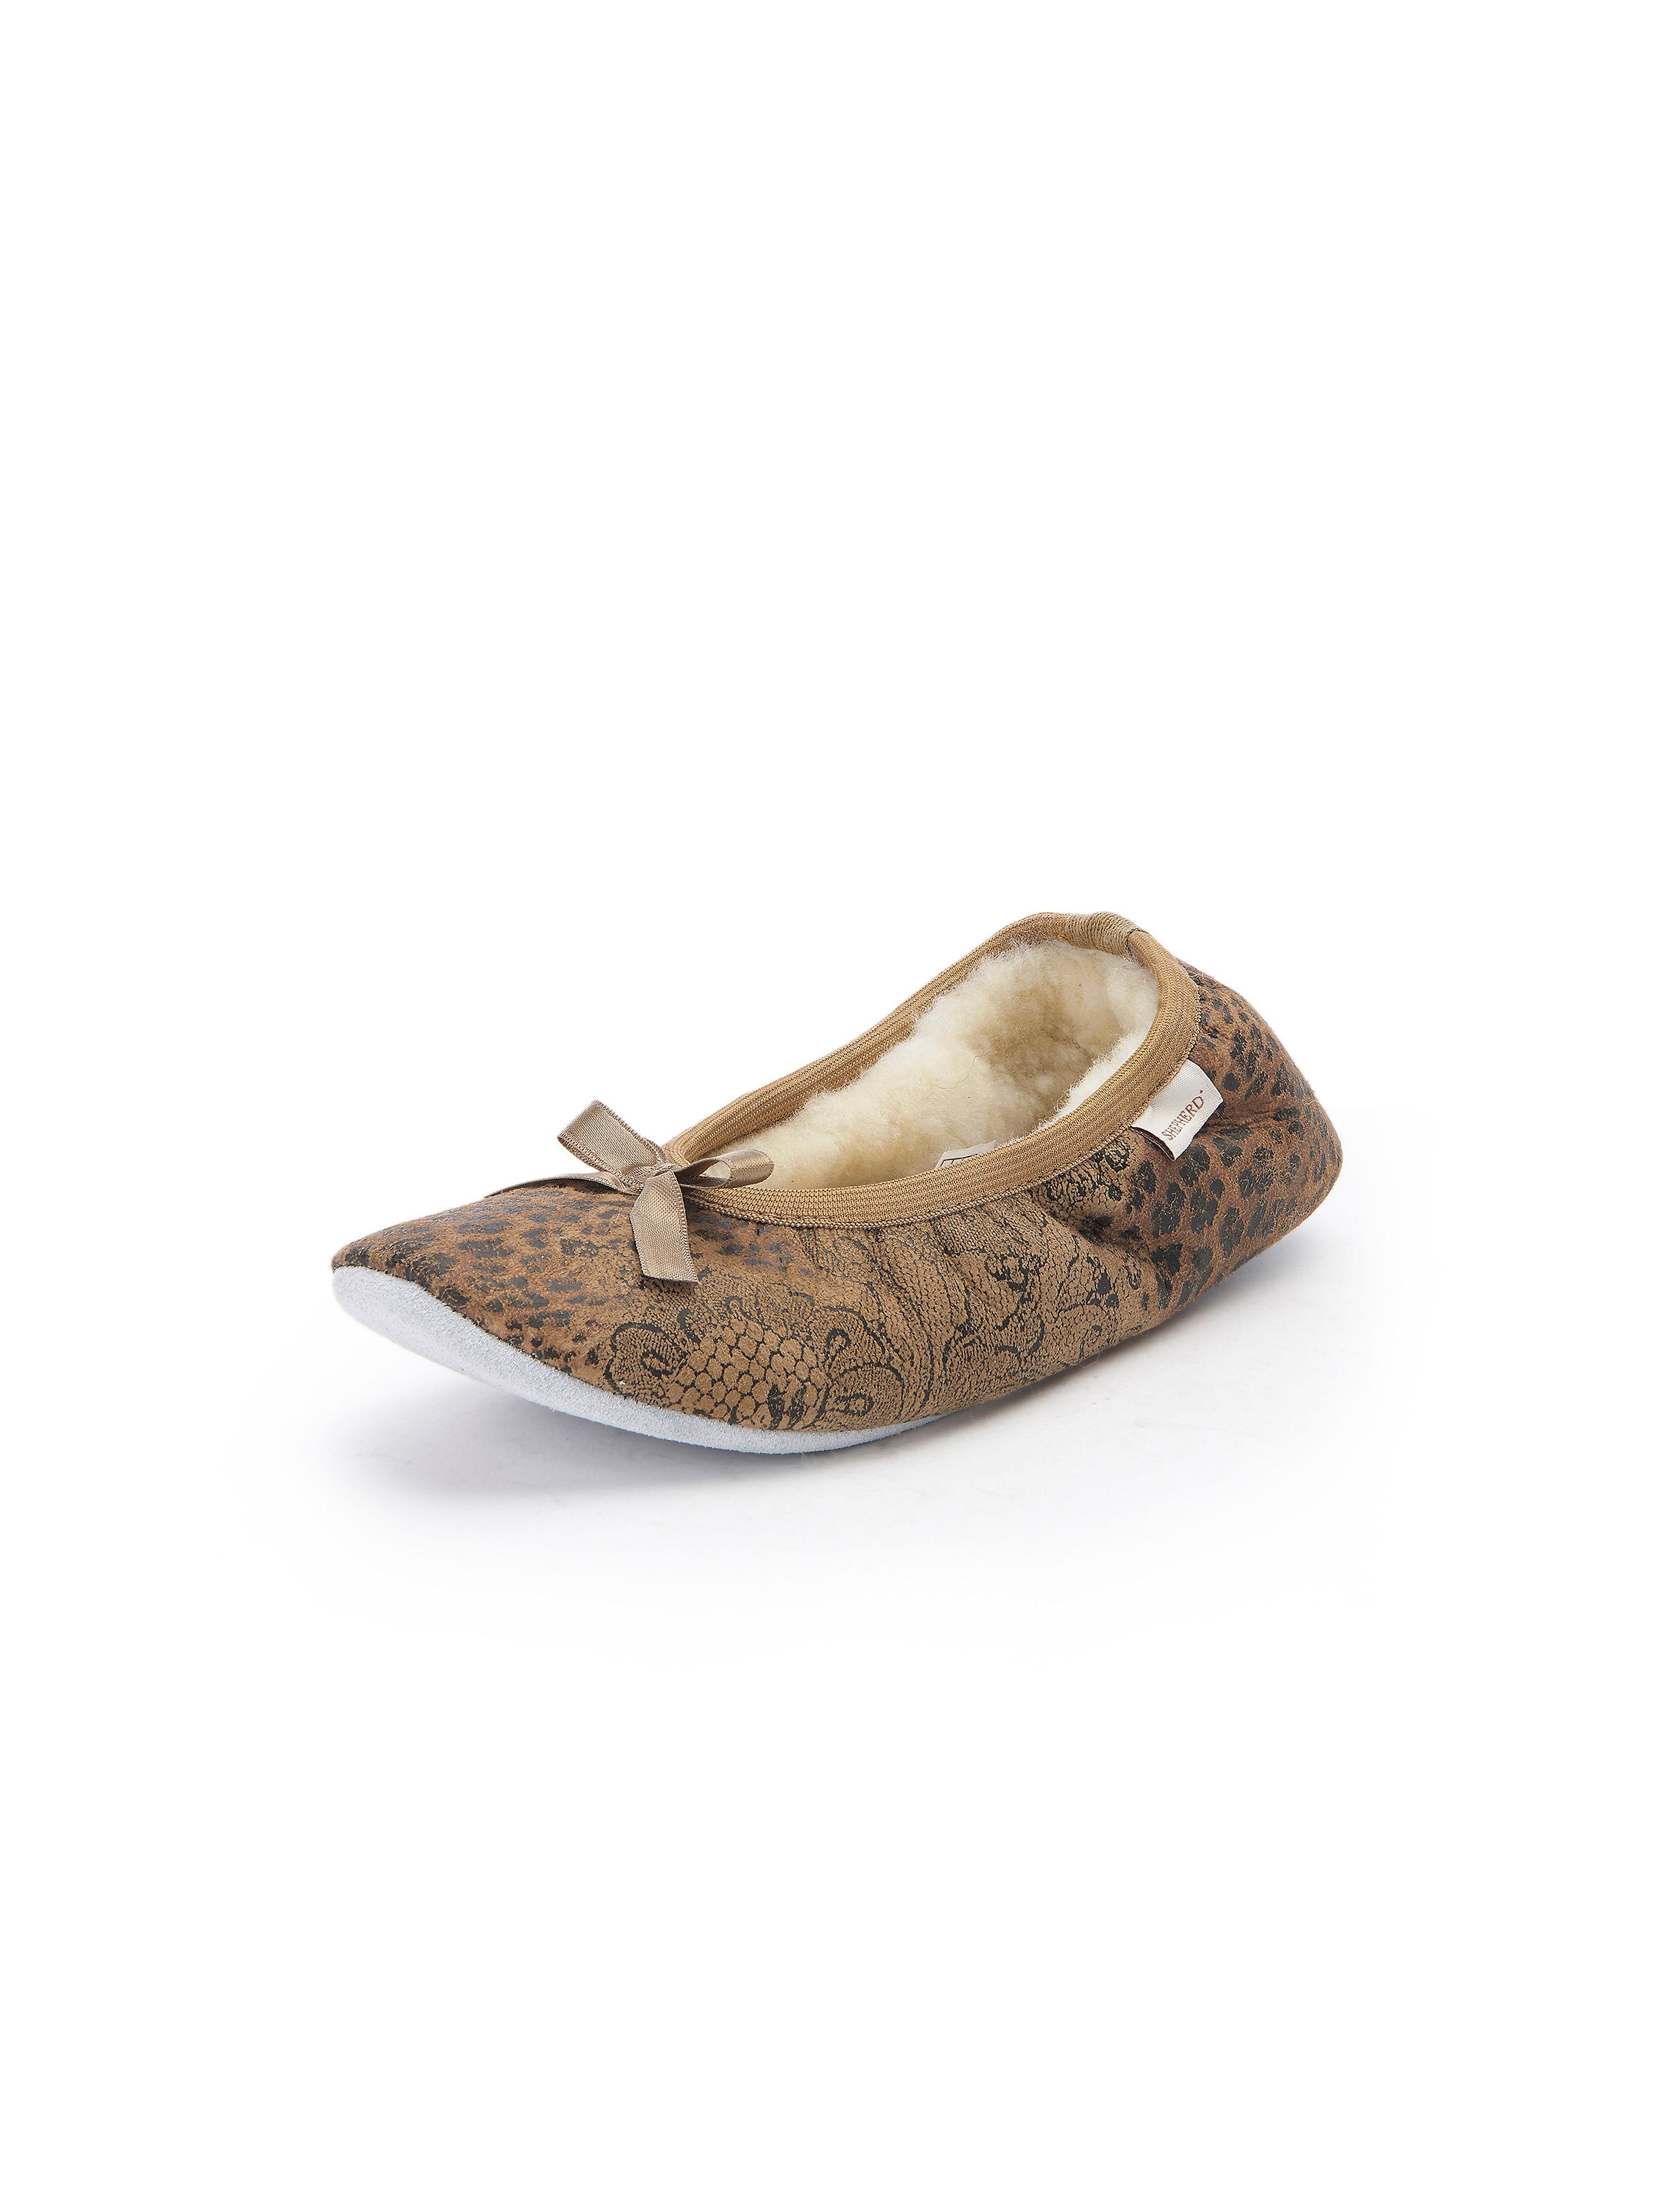 Ballerina SHEPHERD camel/animalprint